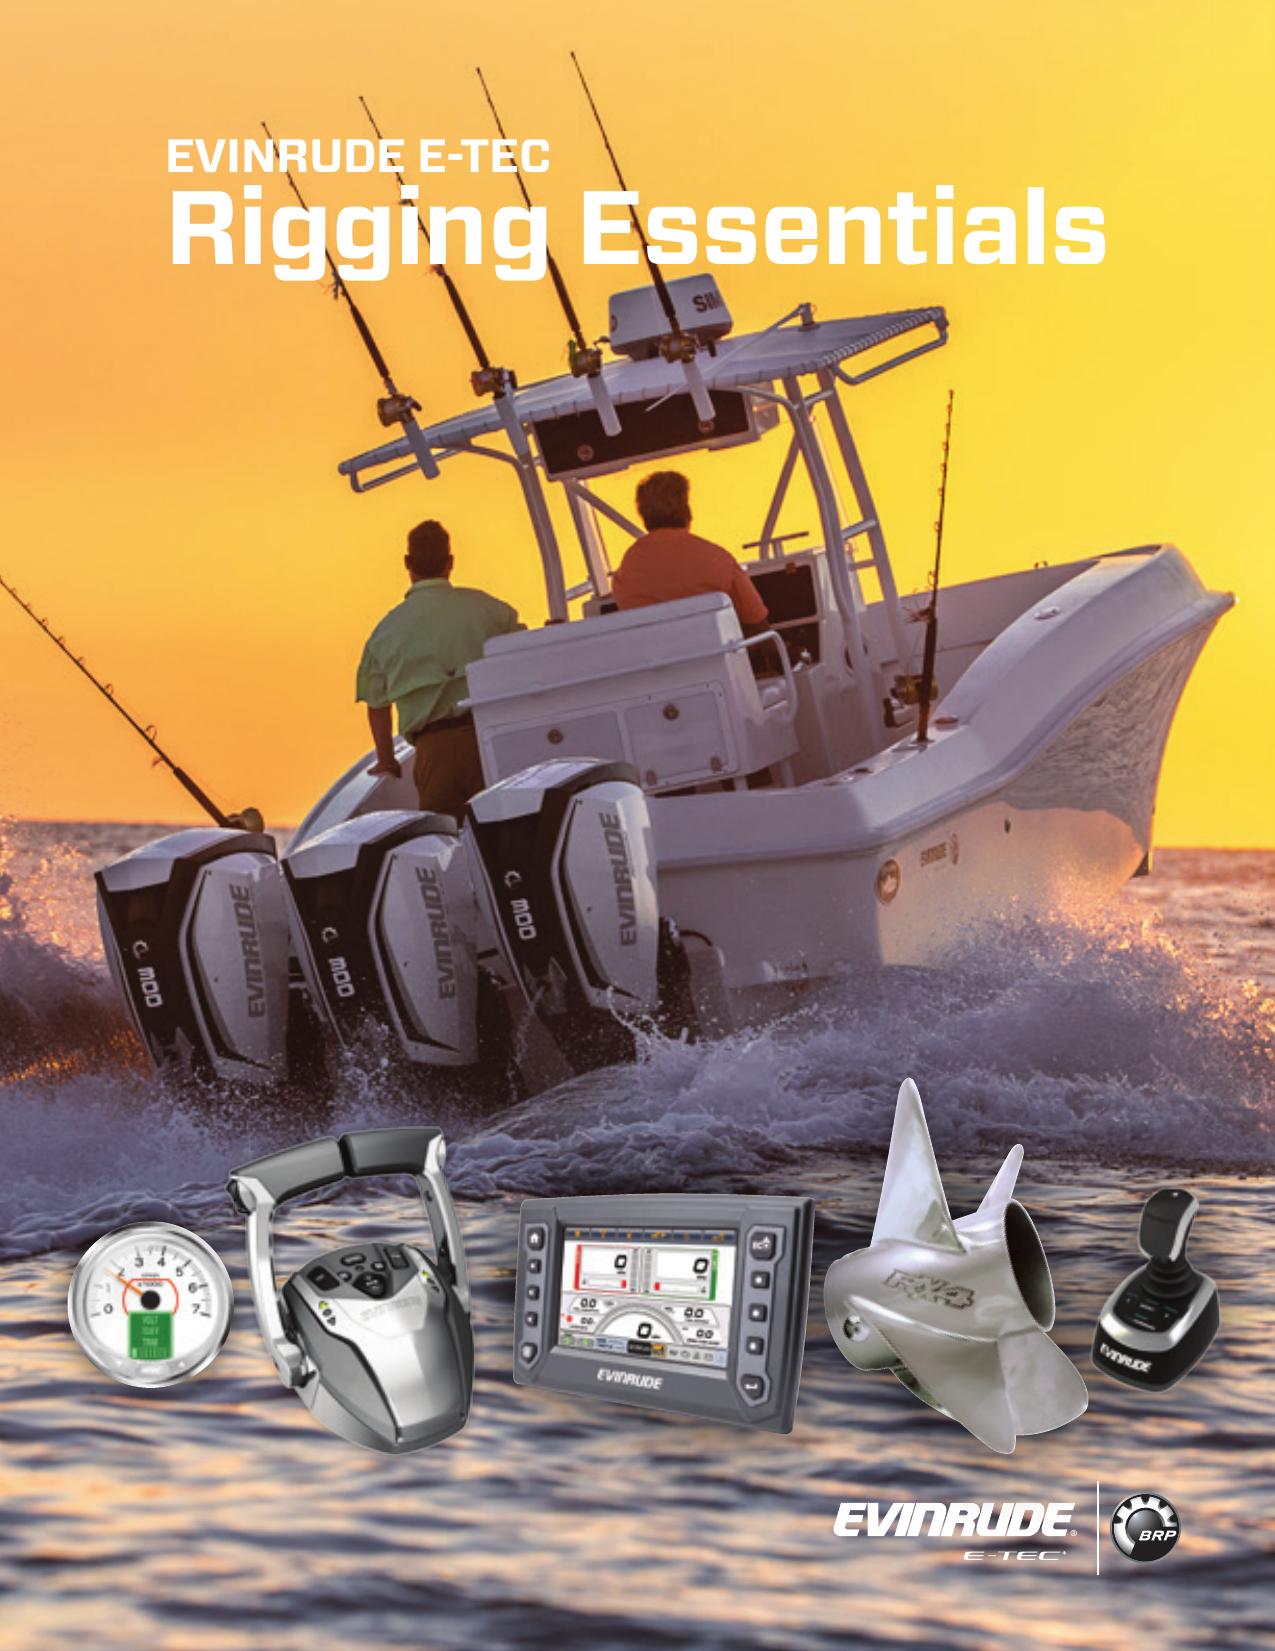 EVINRUDE E-TEC Rigging Essentials | manualzz com